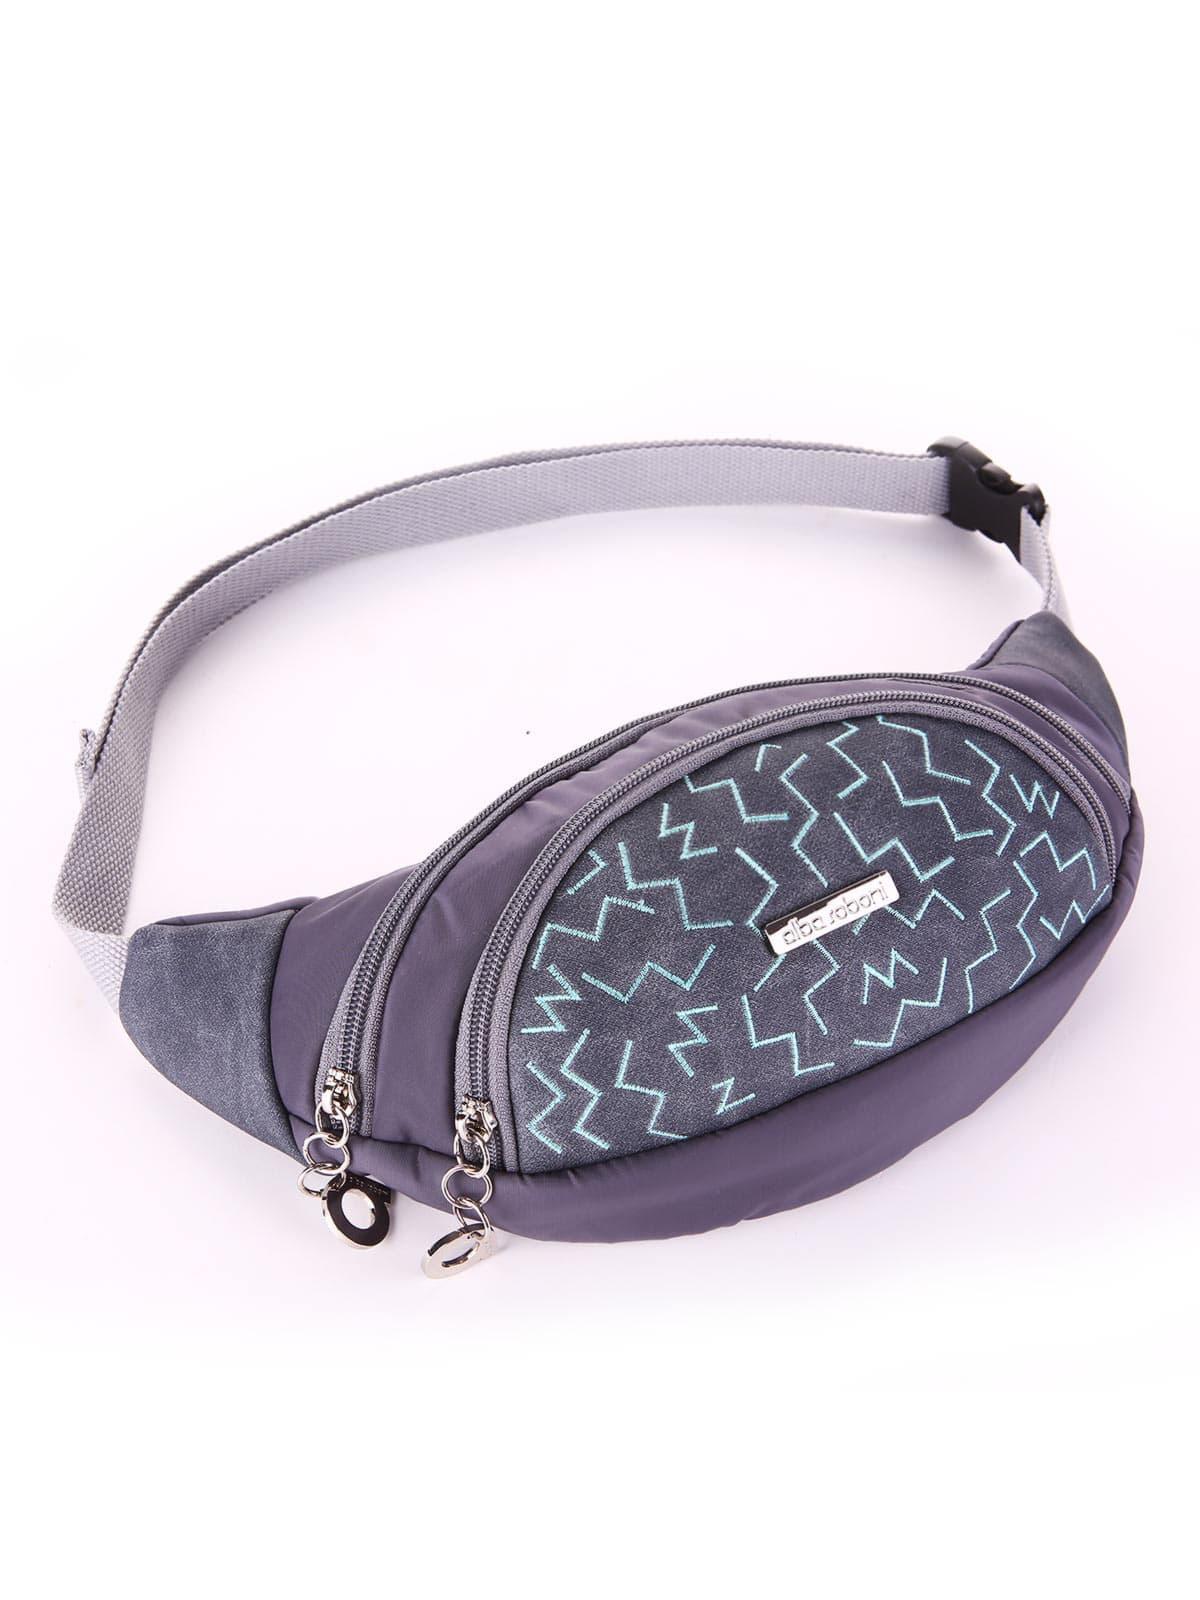 Модная сумка на пояс, модель 183884 серый. Фото товара, вид сбоку.